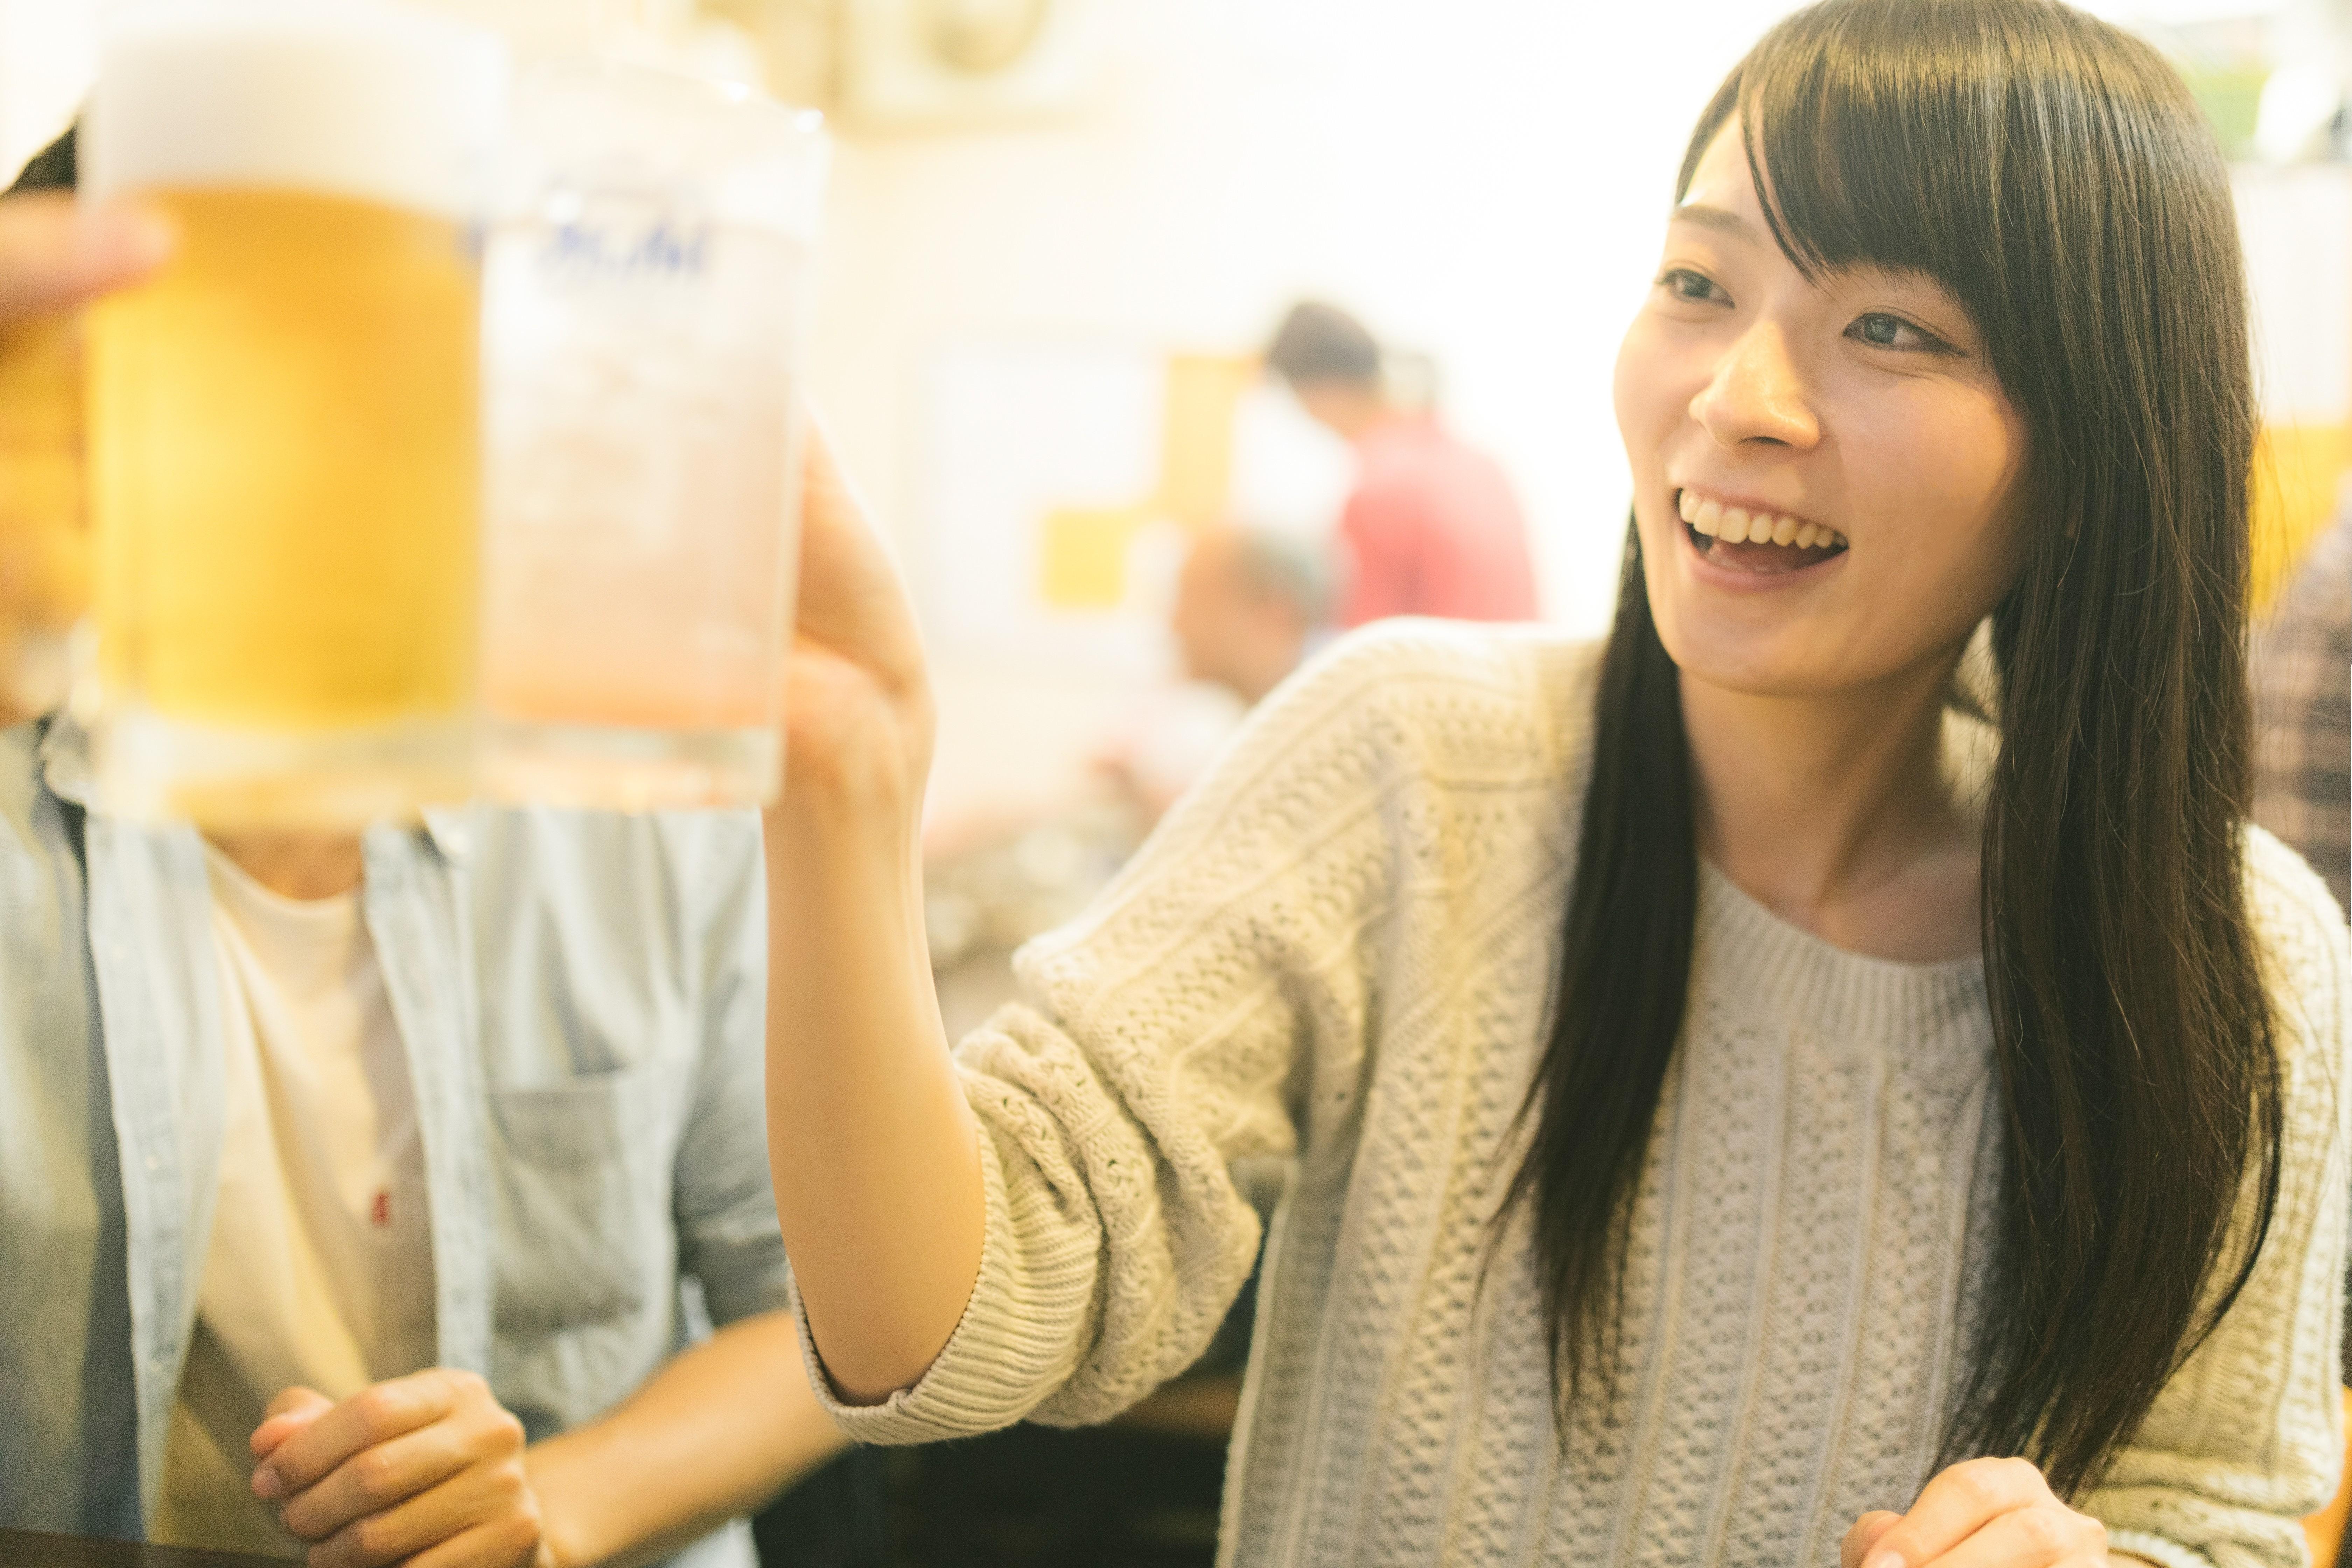 ▲▼朋友,聚餐,聚會,喝酒,乾杯,啤酒,慶祝,應酬(圖/取自免費圖庫Pakutaso)